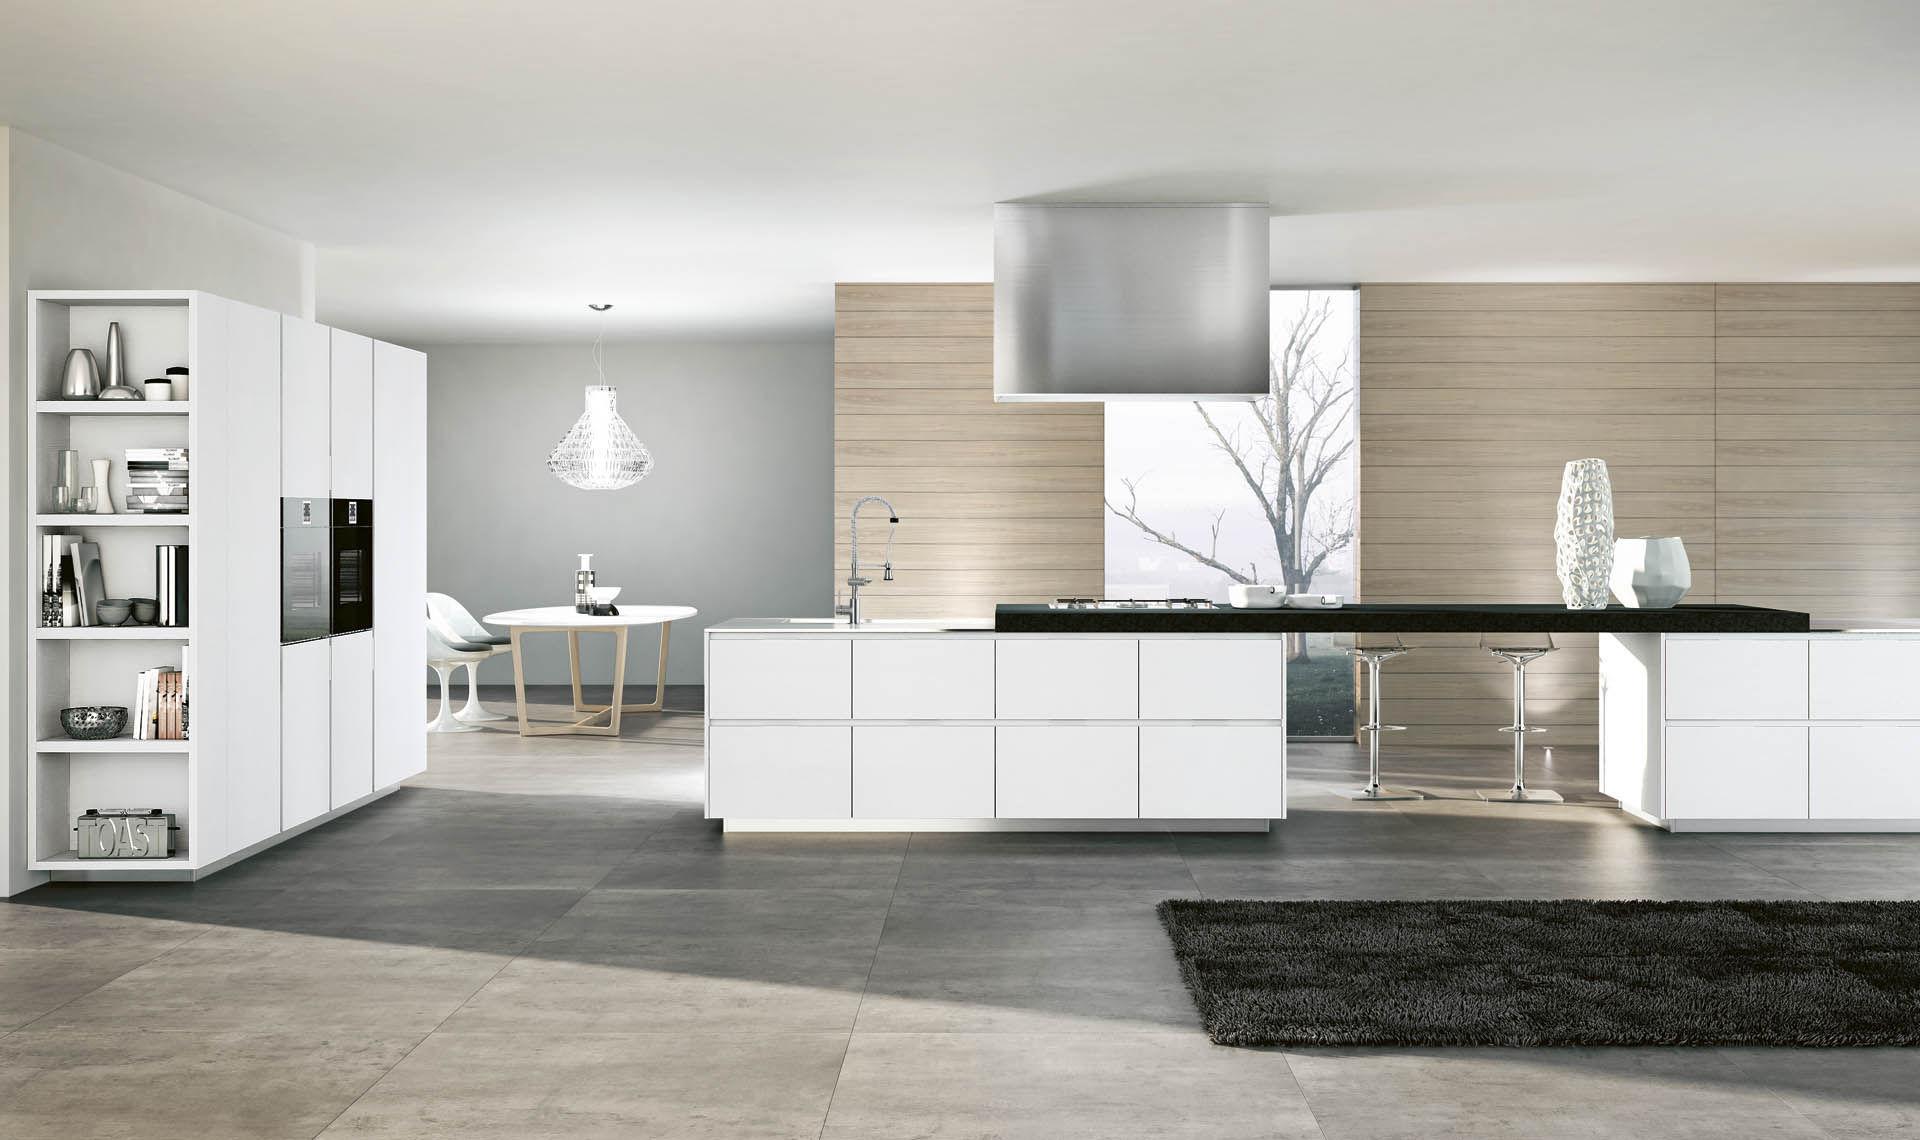 contemporary kitchen / melamine / stainless steel / wood veneer ... - Cucine Valdesign